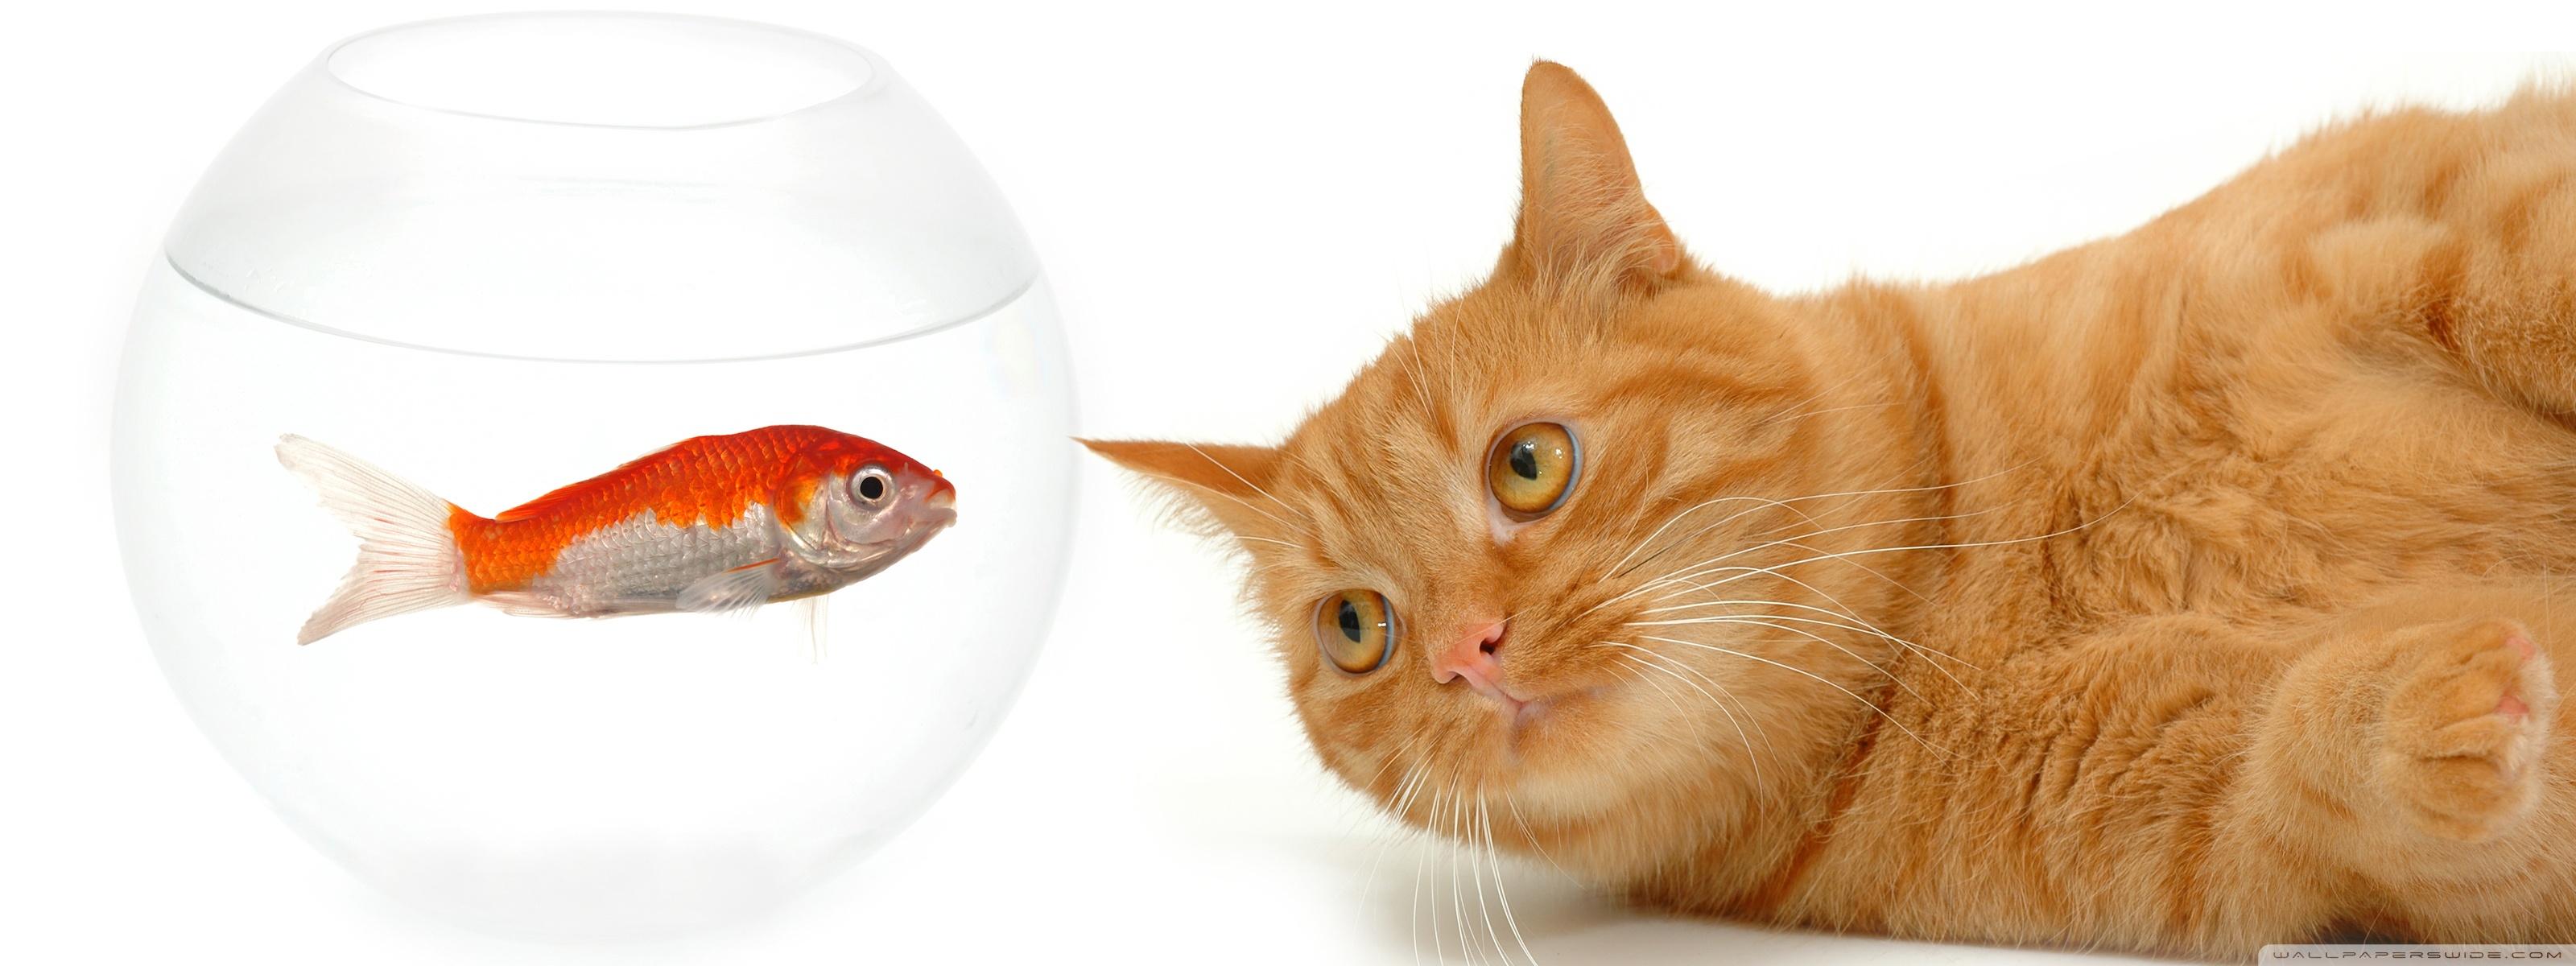 Cat Screen Meme